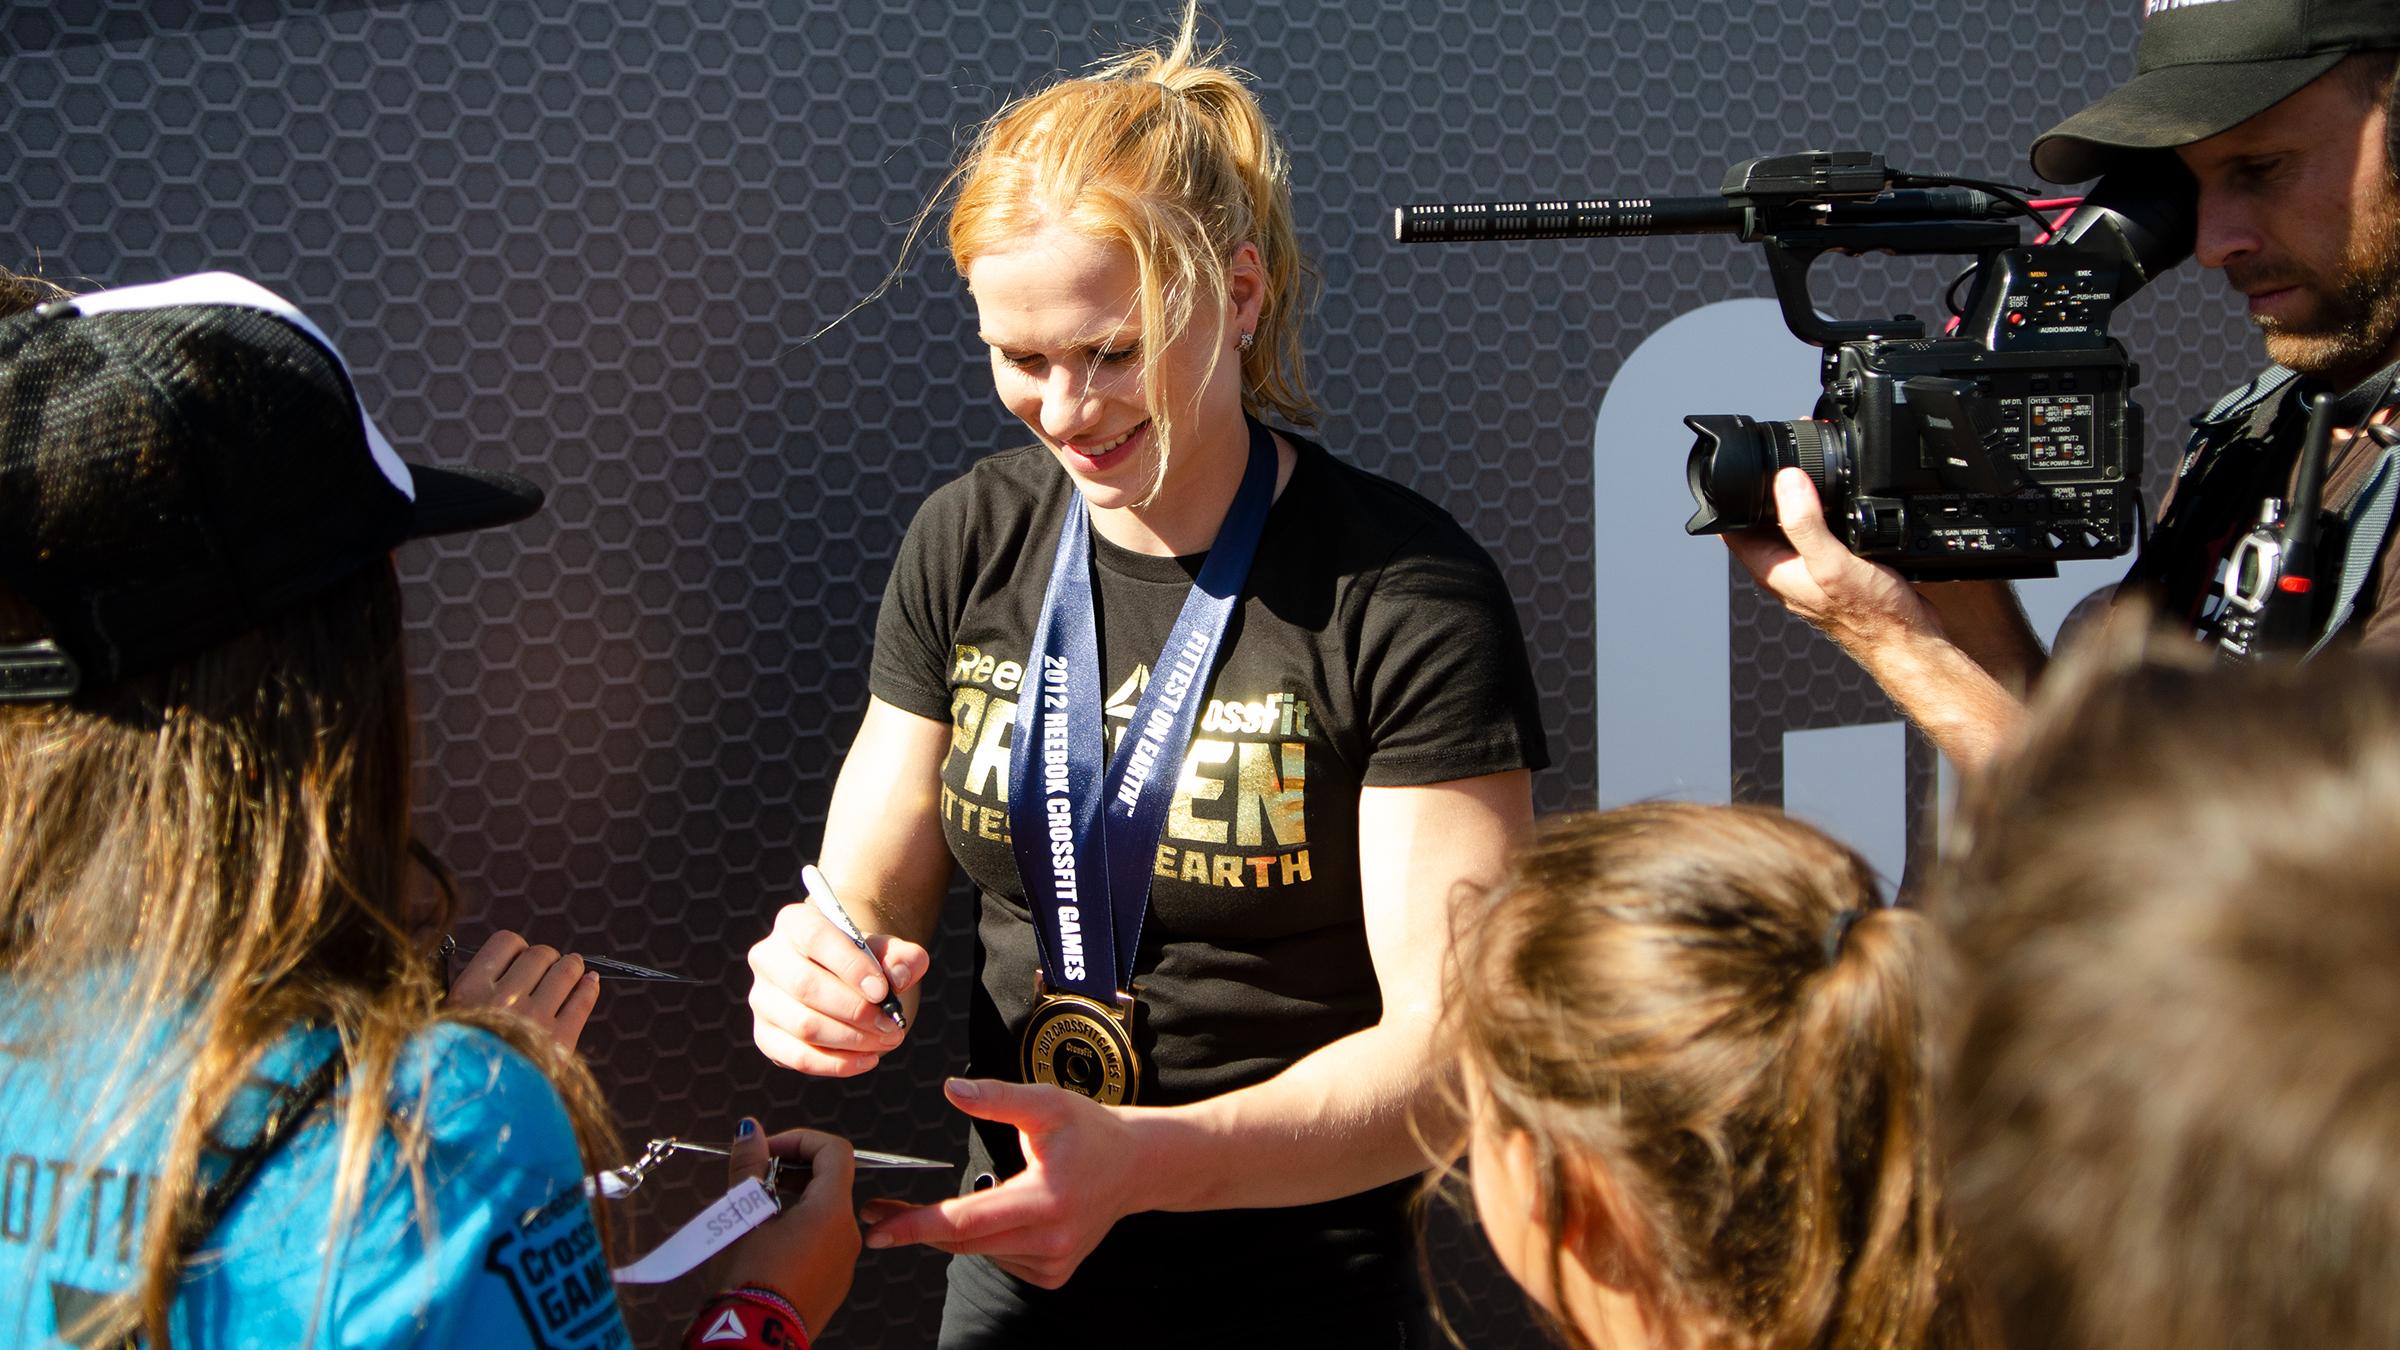 Annie Thorisdottir - CrossFit Games champion